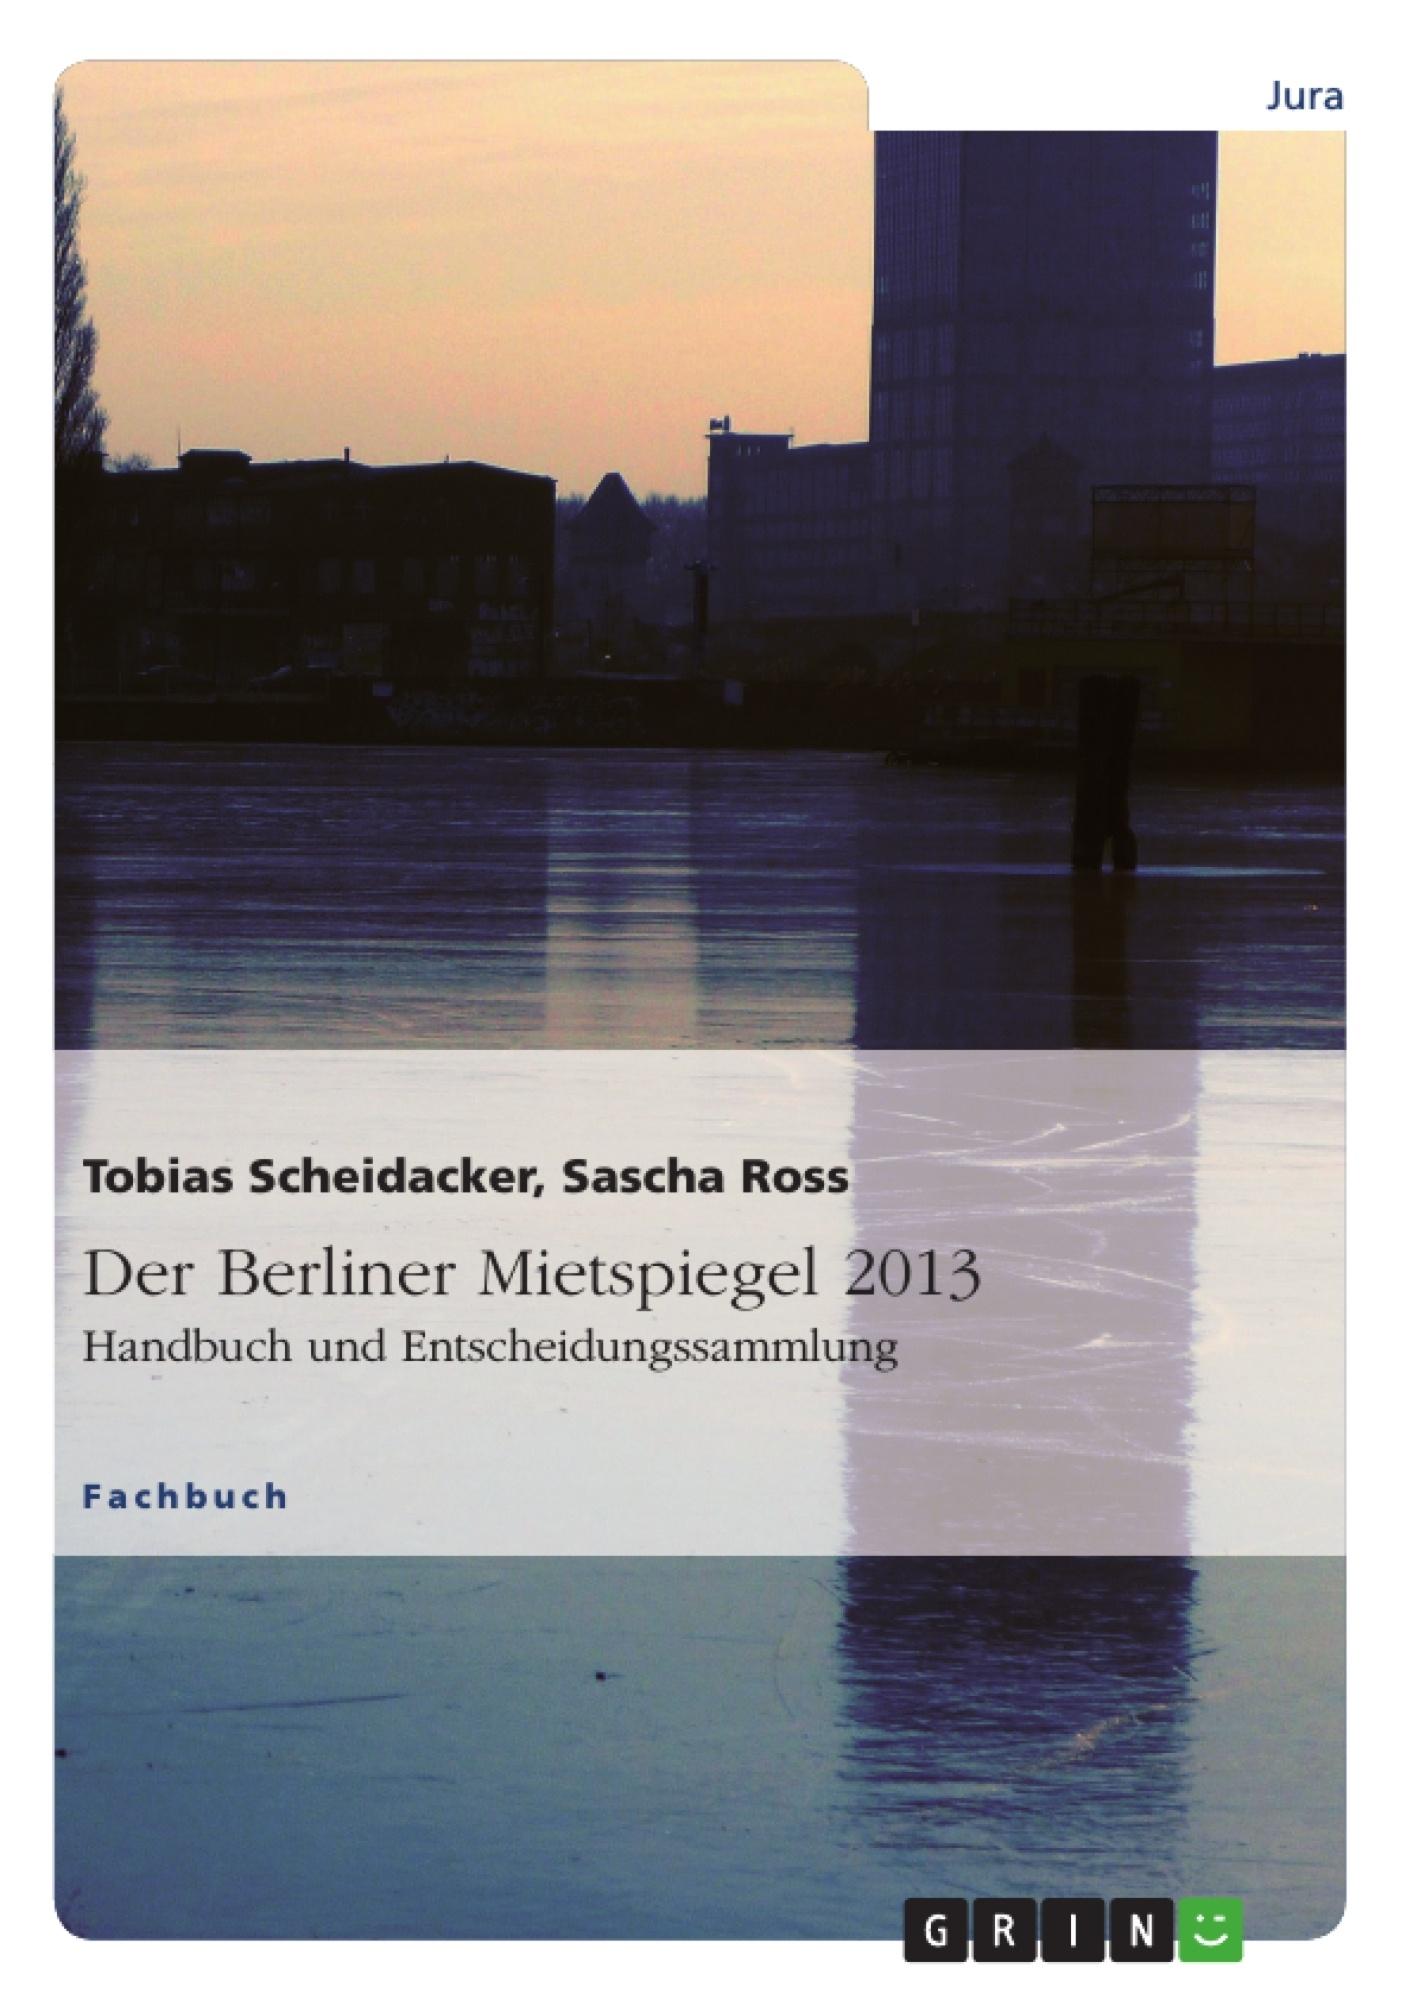 Titel: Der Berliner Mietspiegel 2013